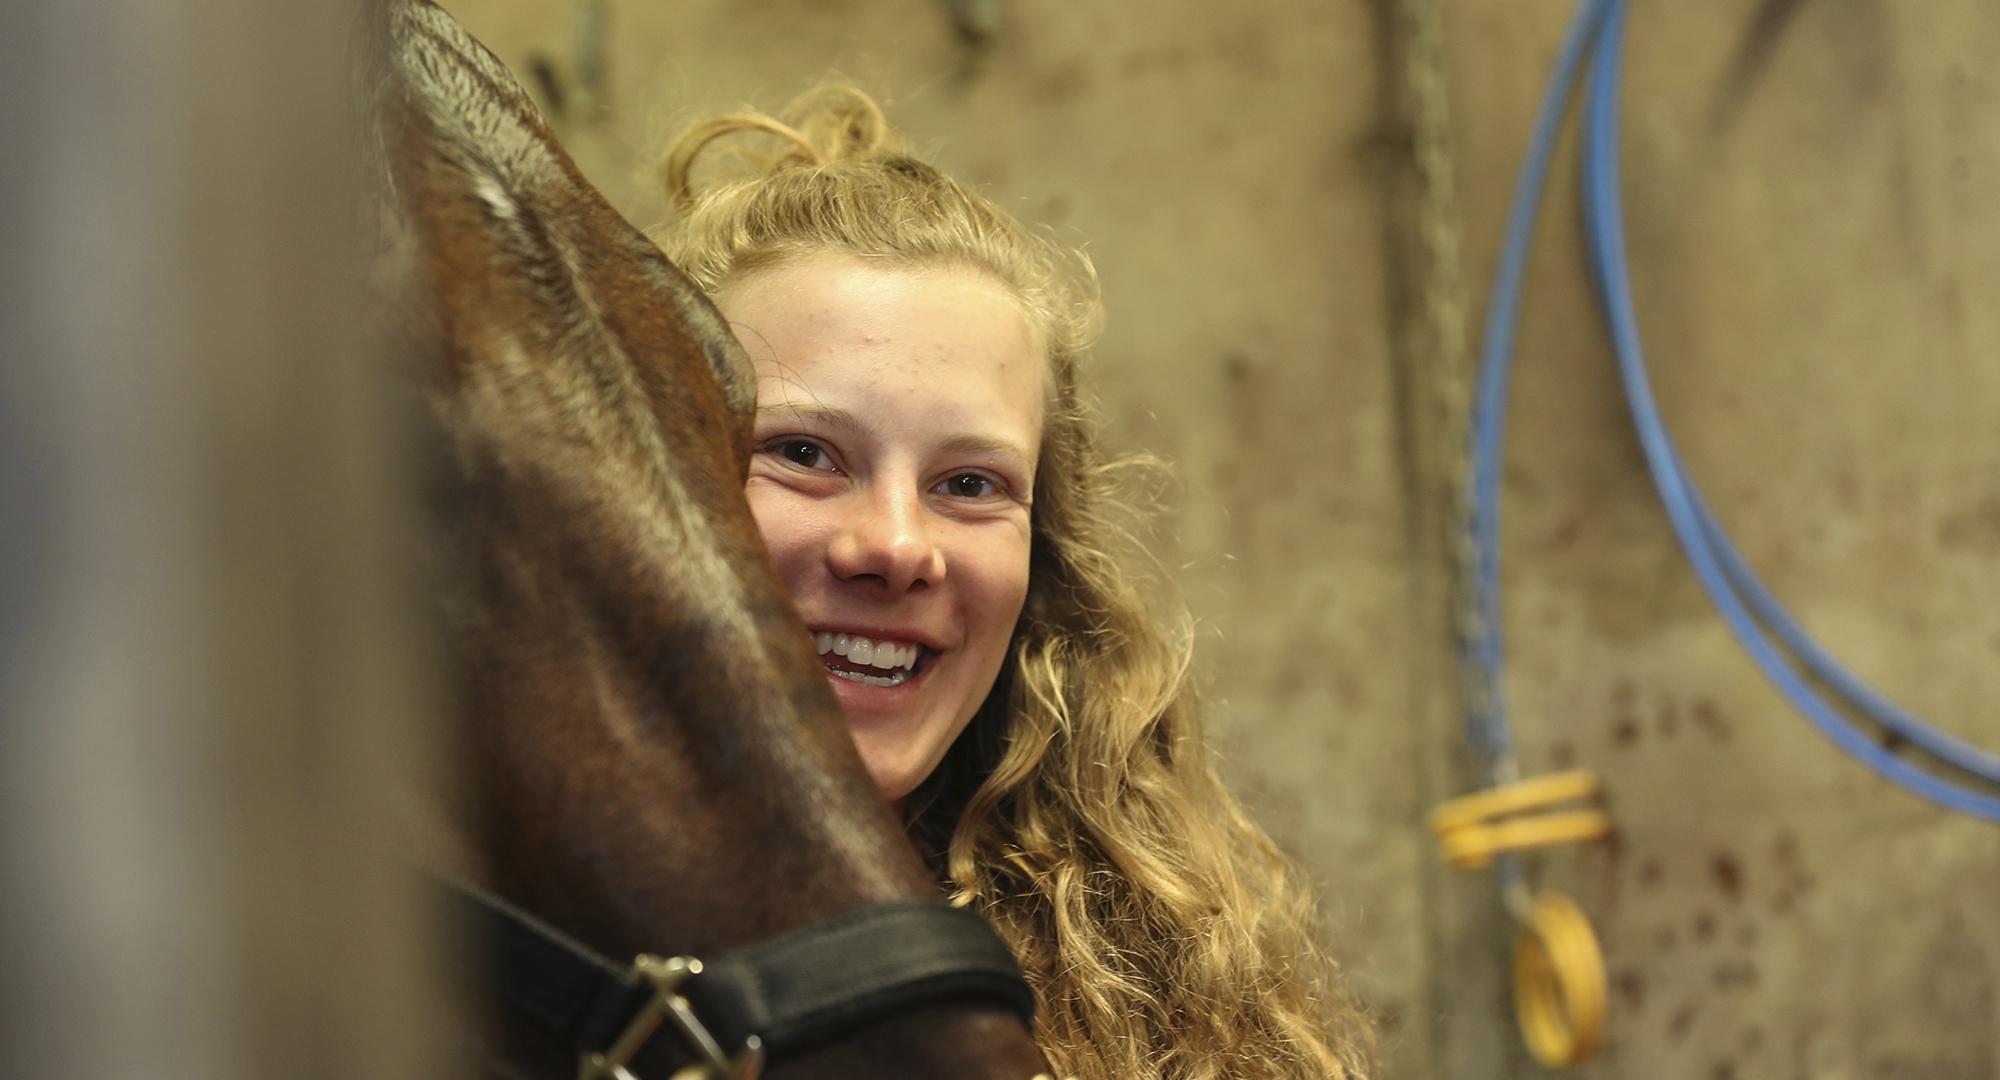 Ellinor Wennebring med Propulsion, Sulkysport, Travsport, travhäst